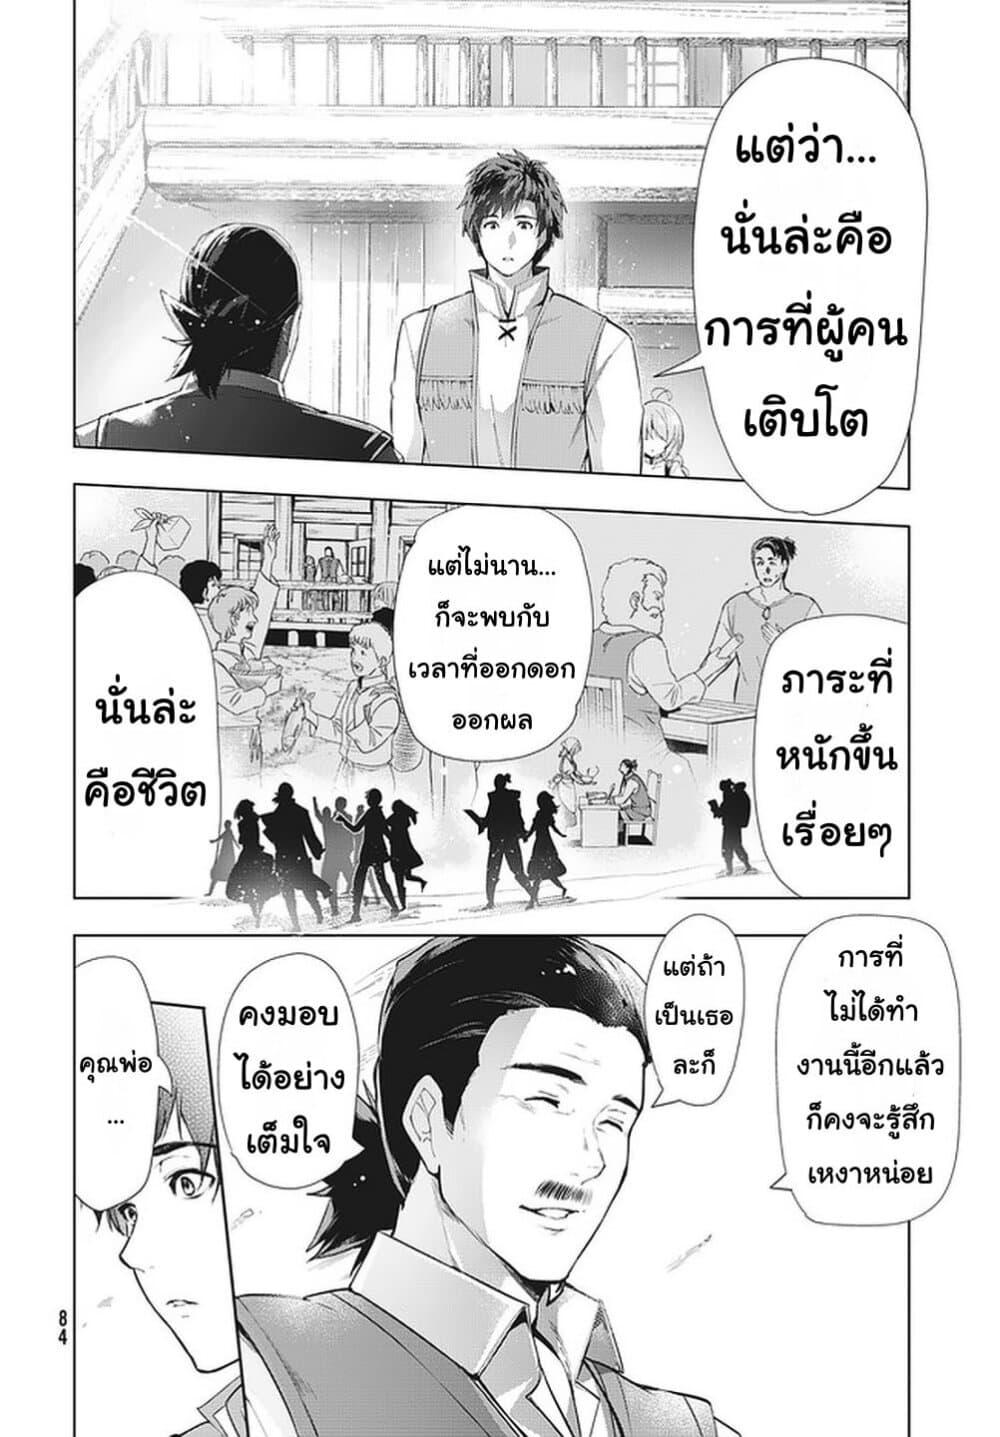 อ่านการ์ตูน Kaiko sareta Ankoku Heishi (30-dai) no Slow na Second ตอนที่ 13.1 หน้าที่ 10